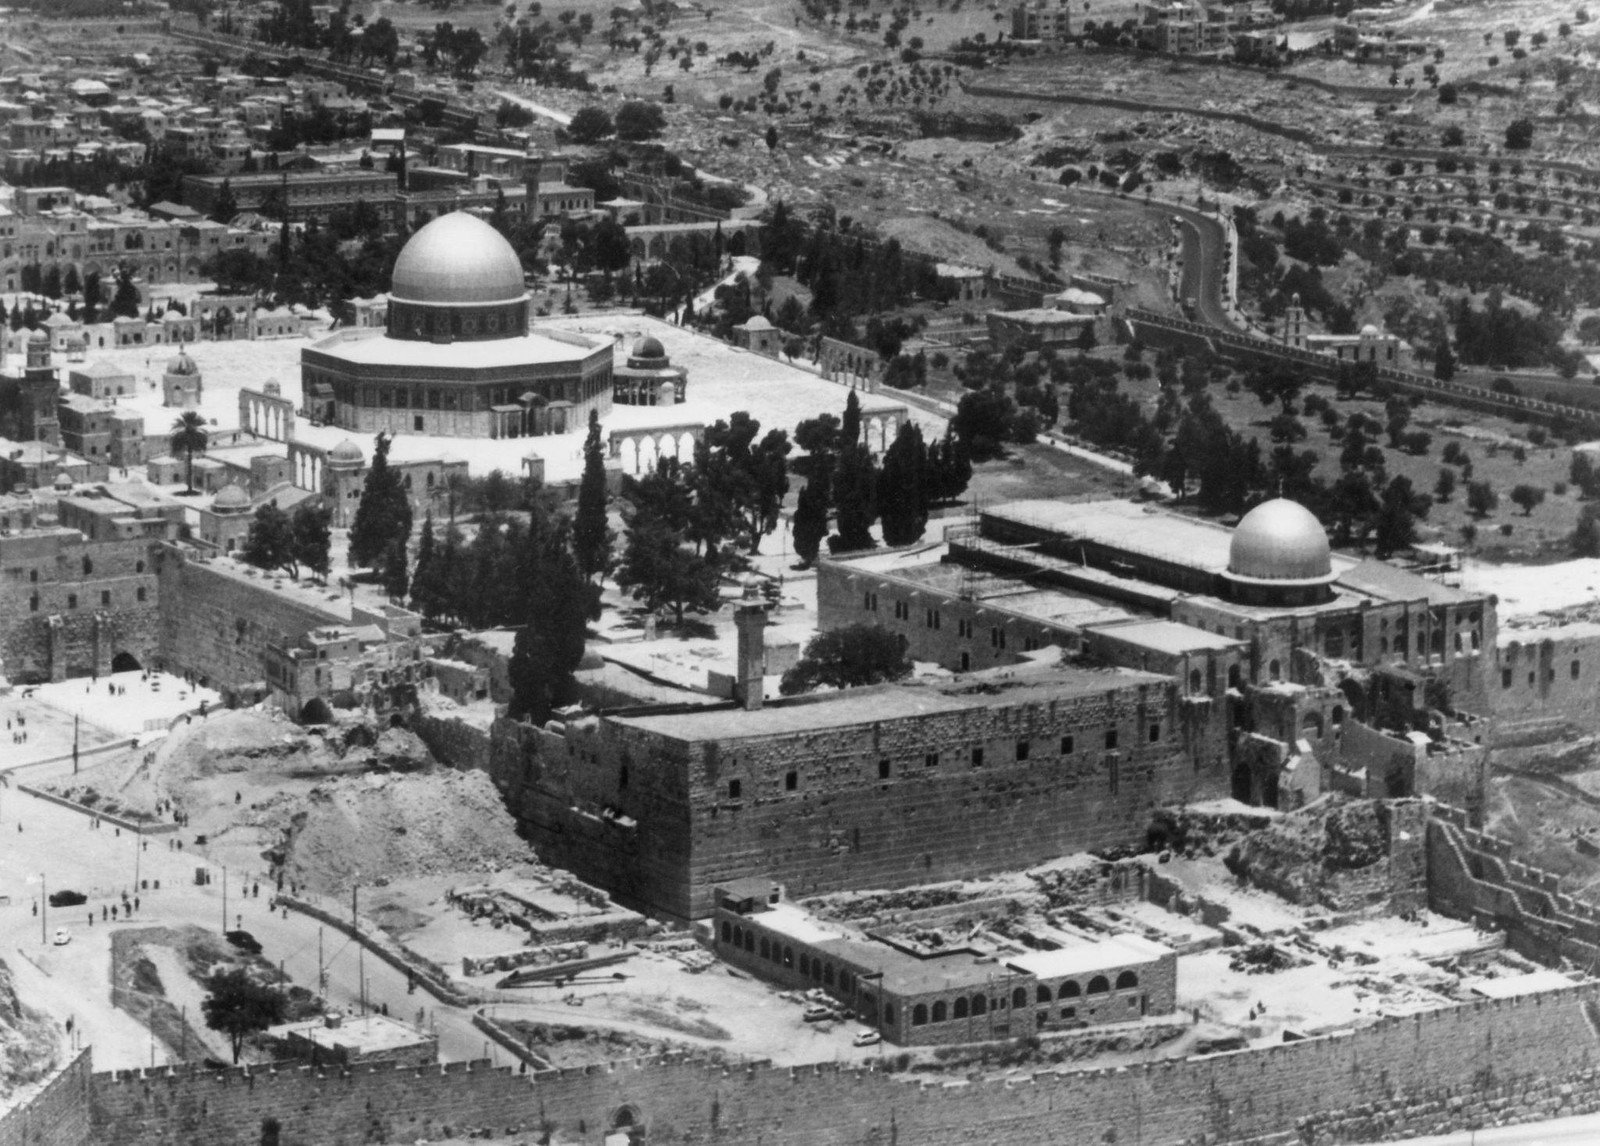 12. Вид с воздуха на мечеть Омара и мечеть Аль-Акса, поврежденную огнем. 23 августа